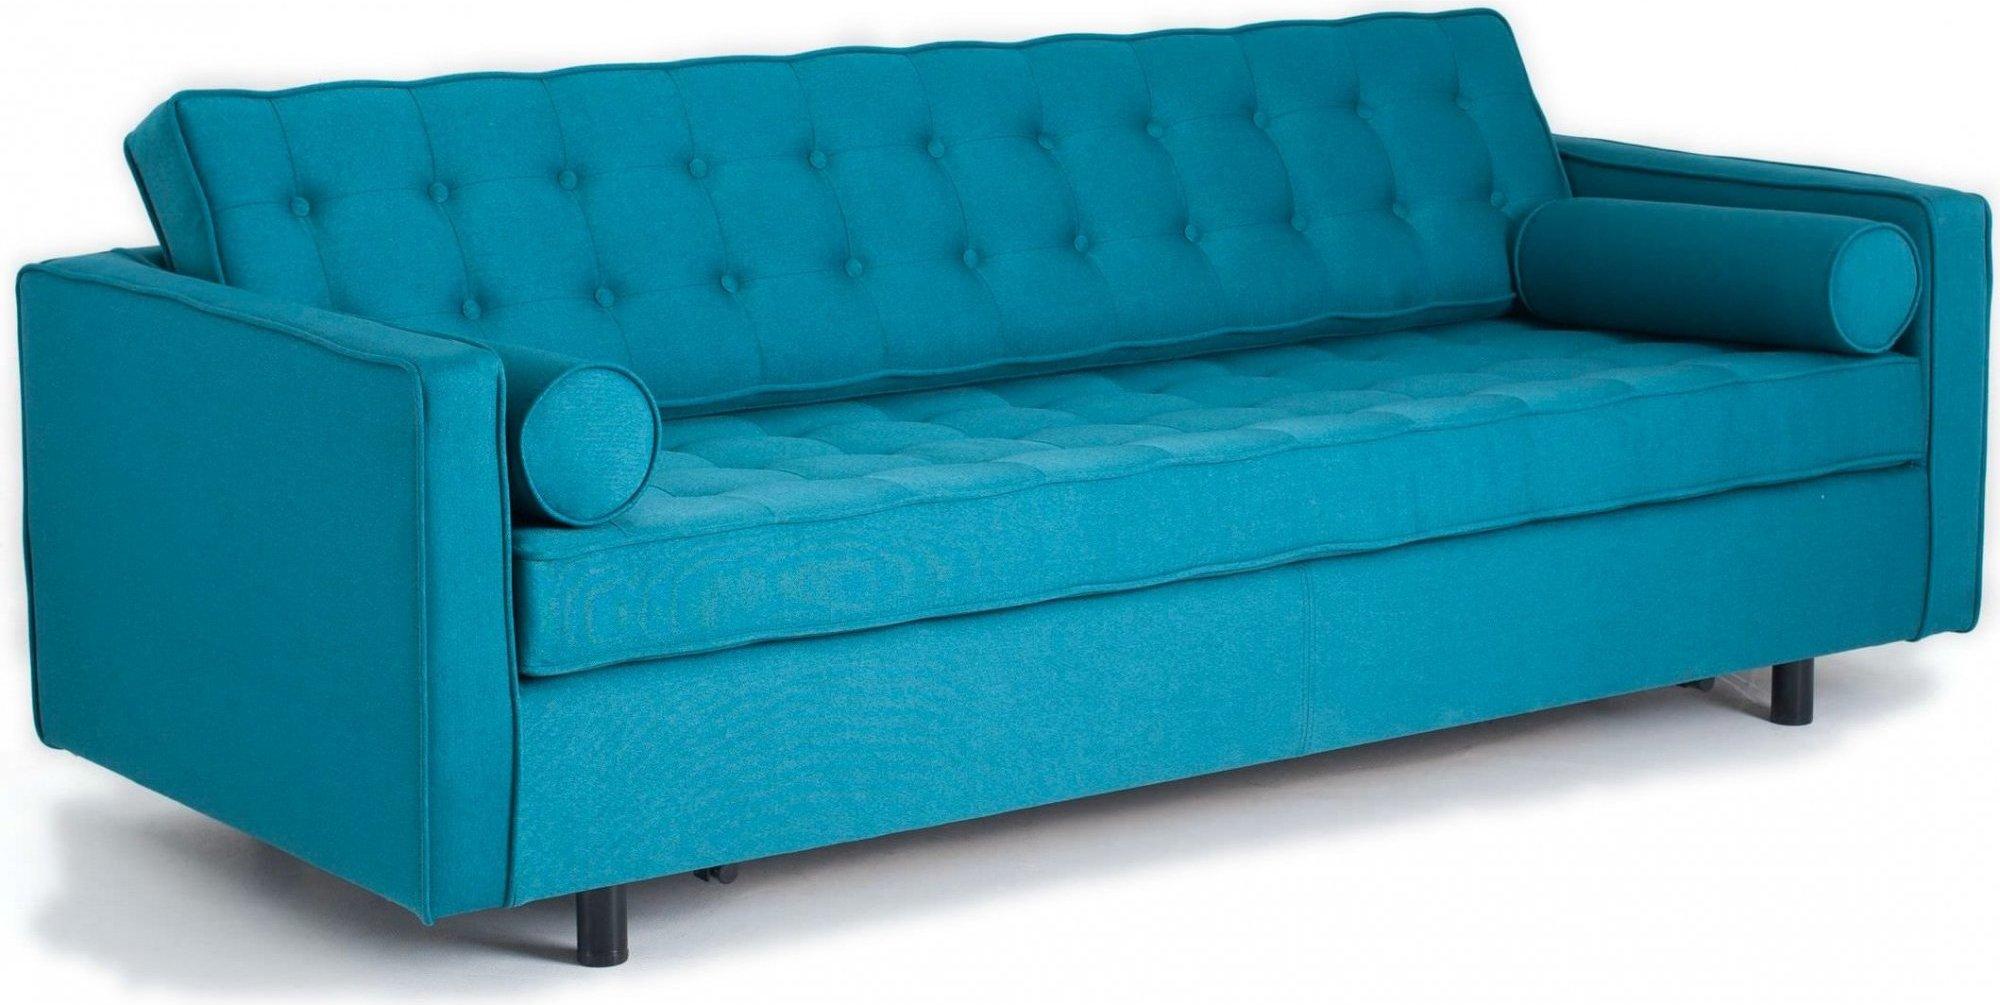 Canapé 3 places tissu bleu tropcial h34cm